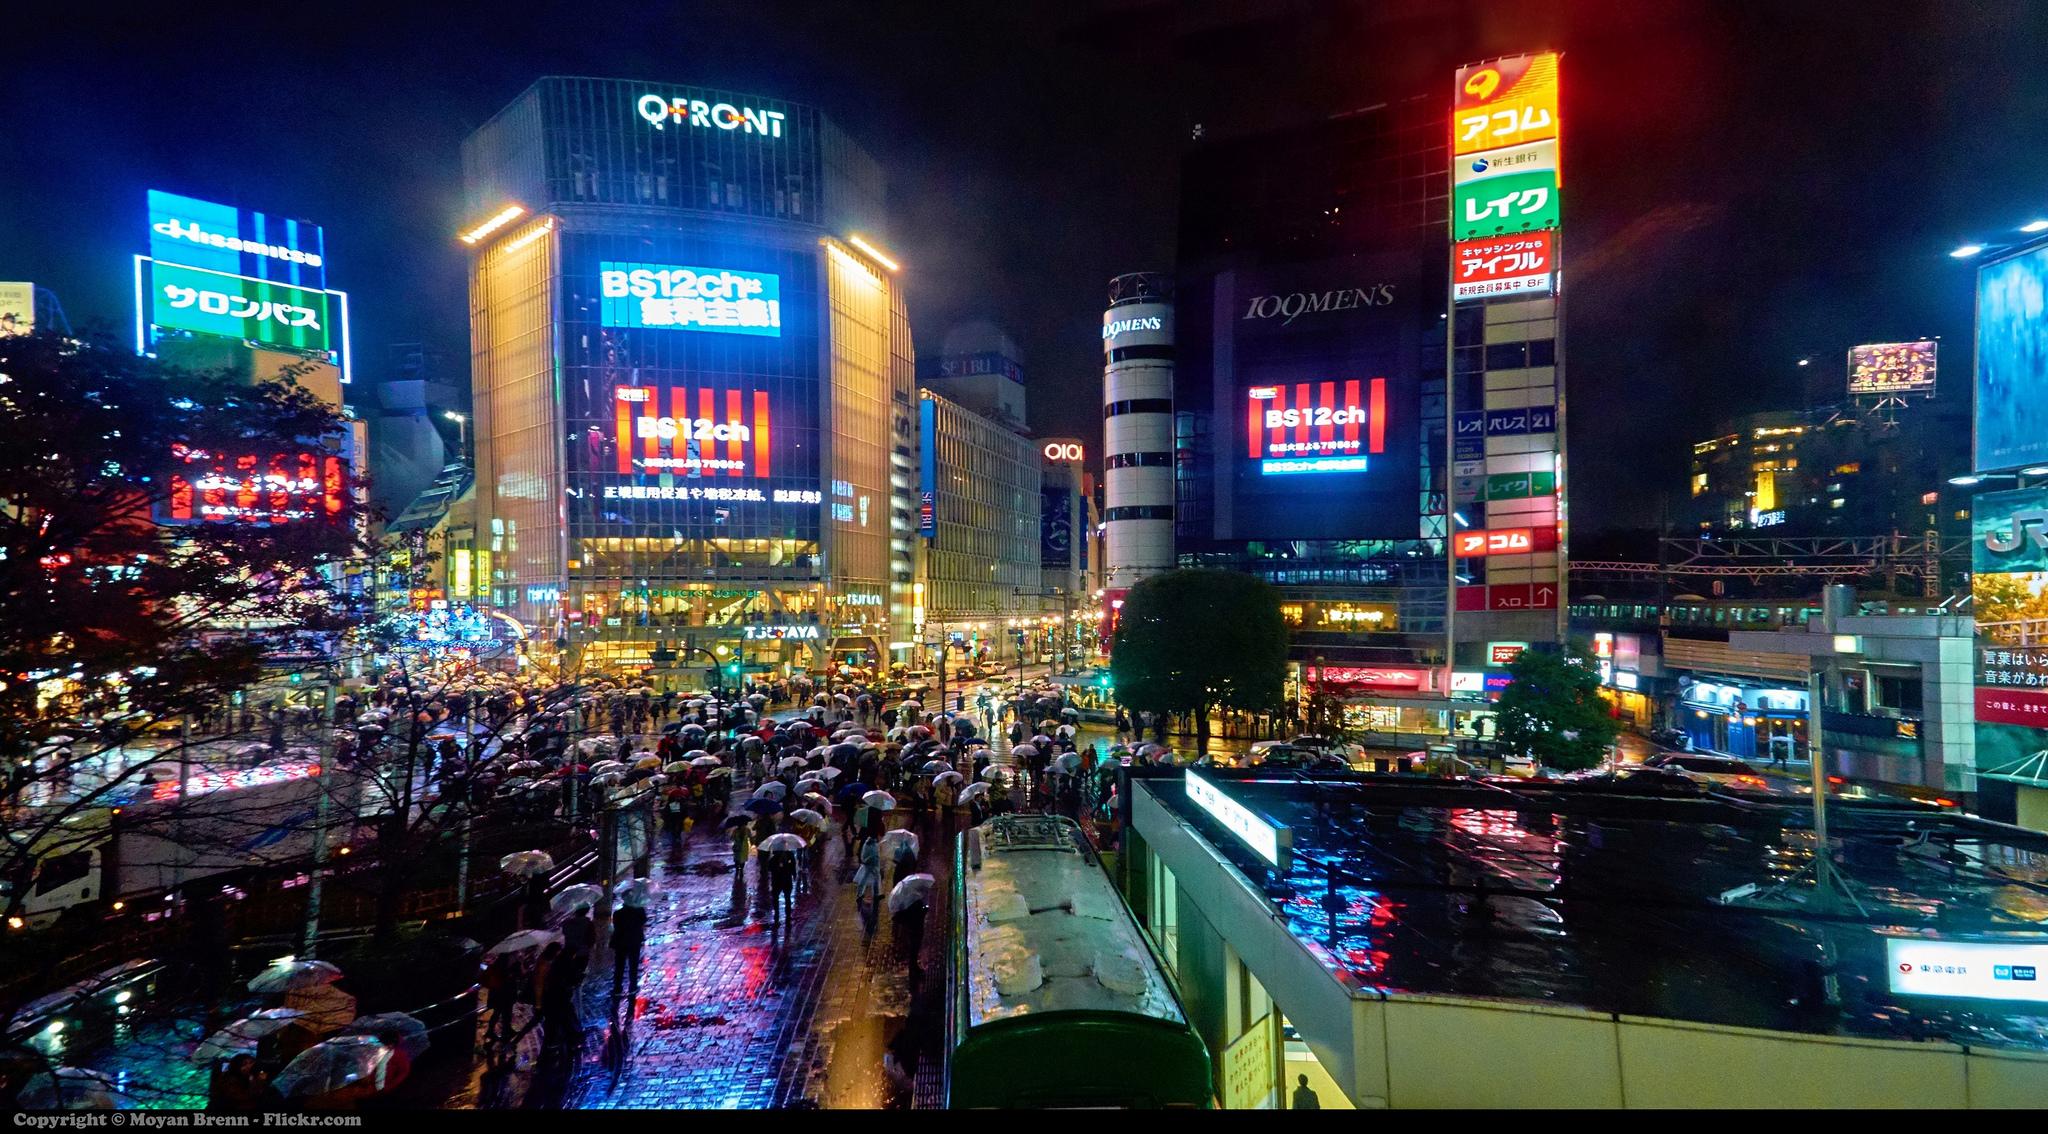 Tokyo by Moyan Brenn via Flickr